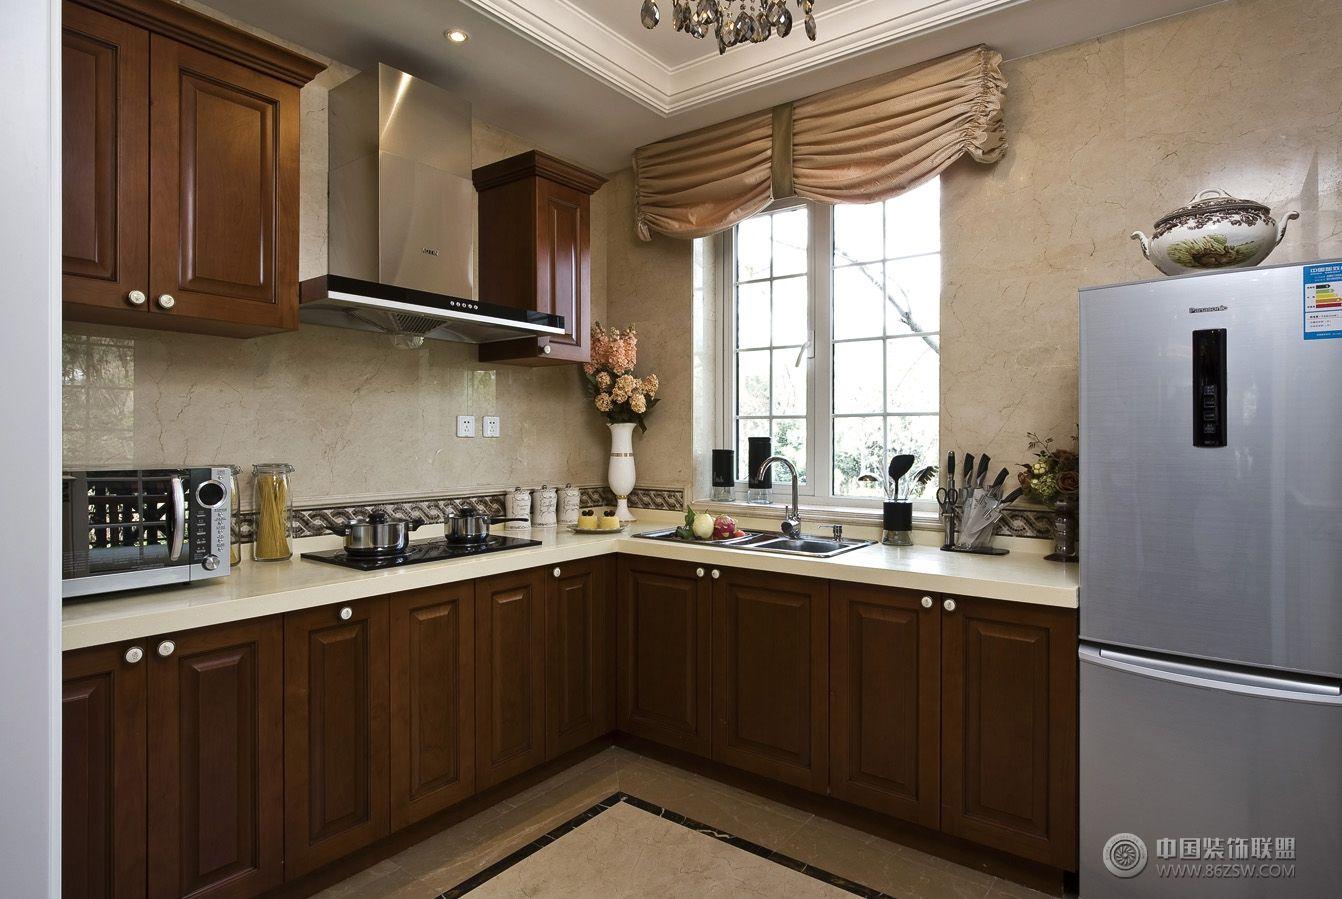 欧式风格复式楼房家装设计效果图欧式厨房装修图片